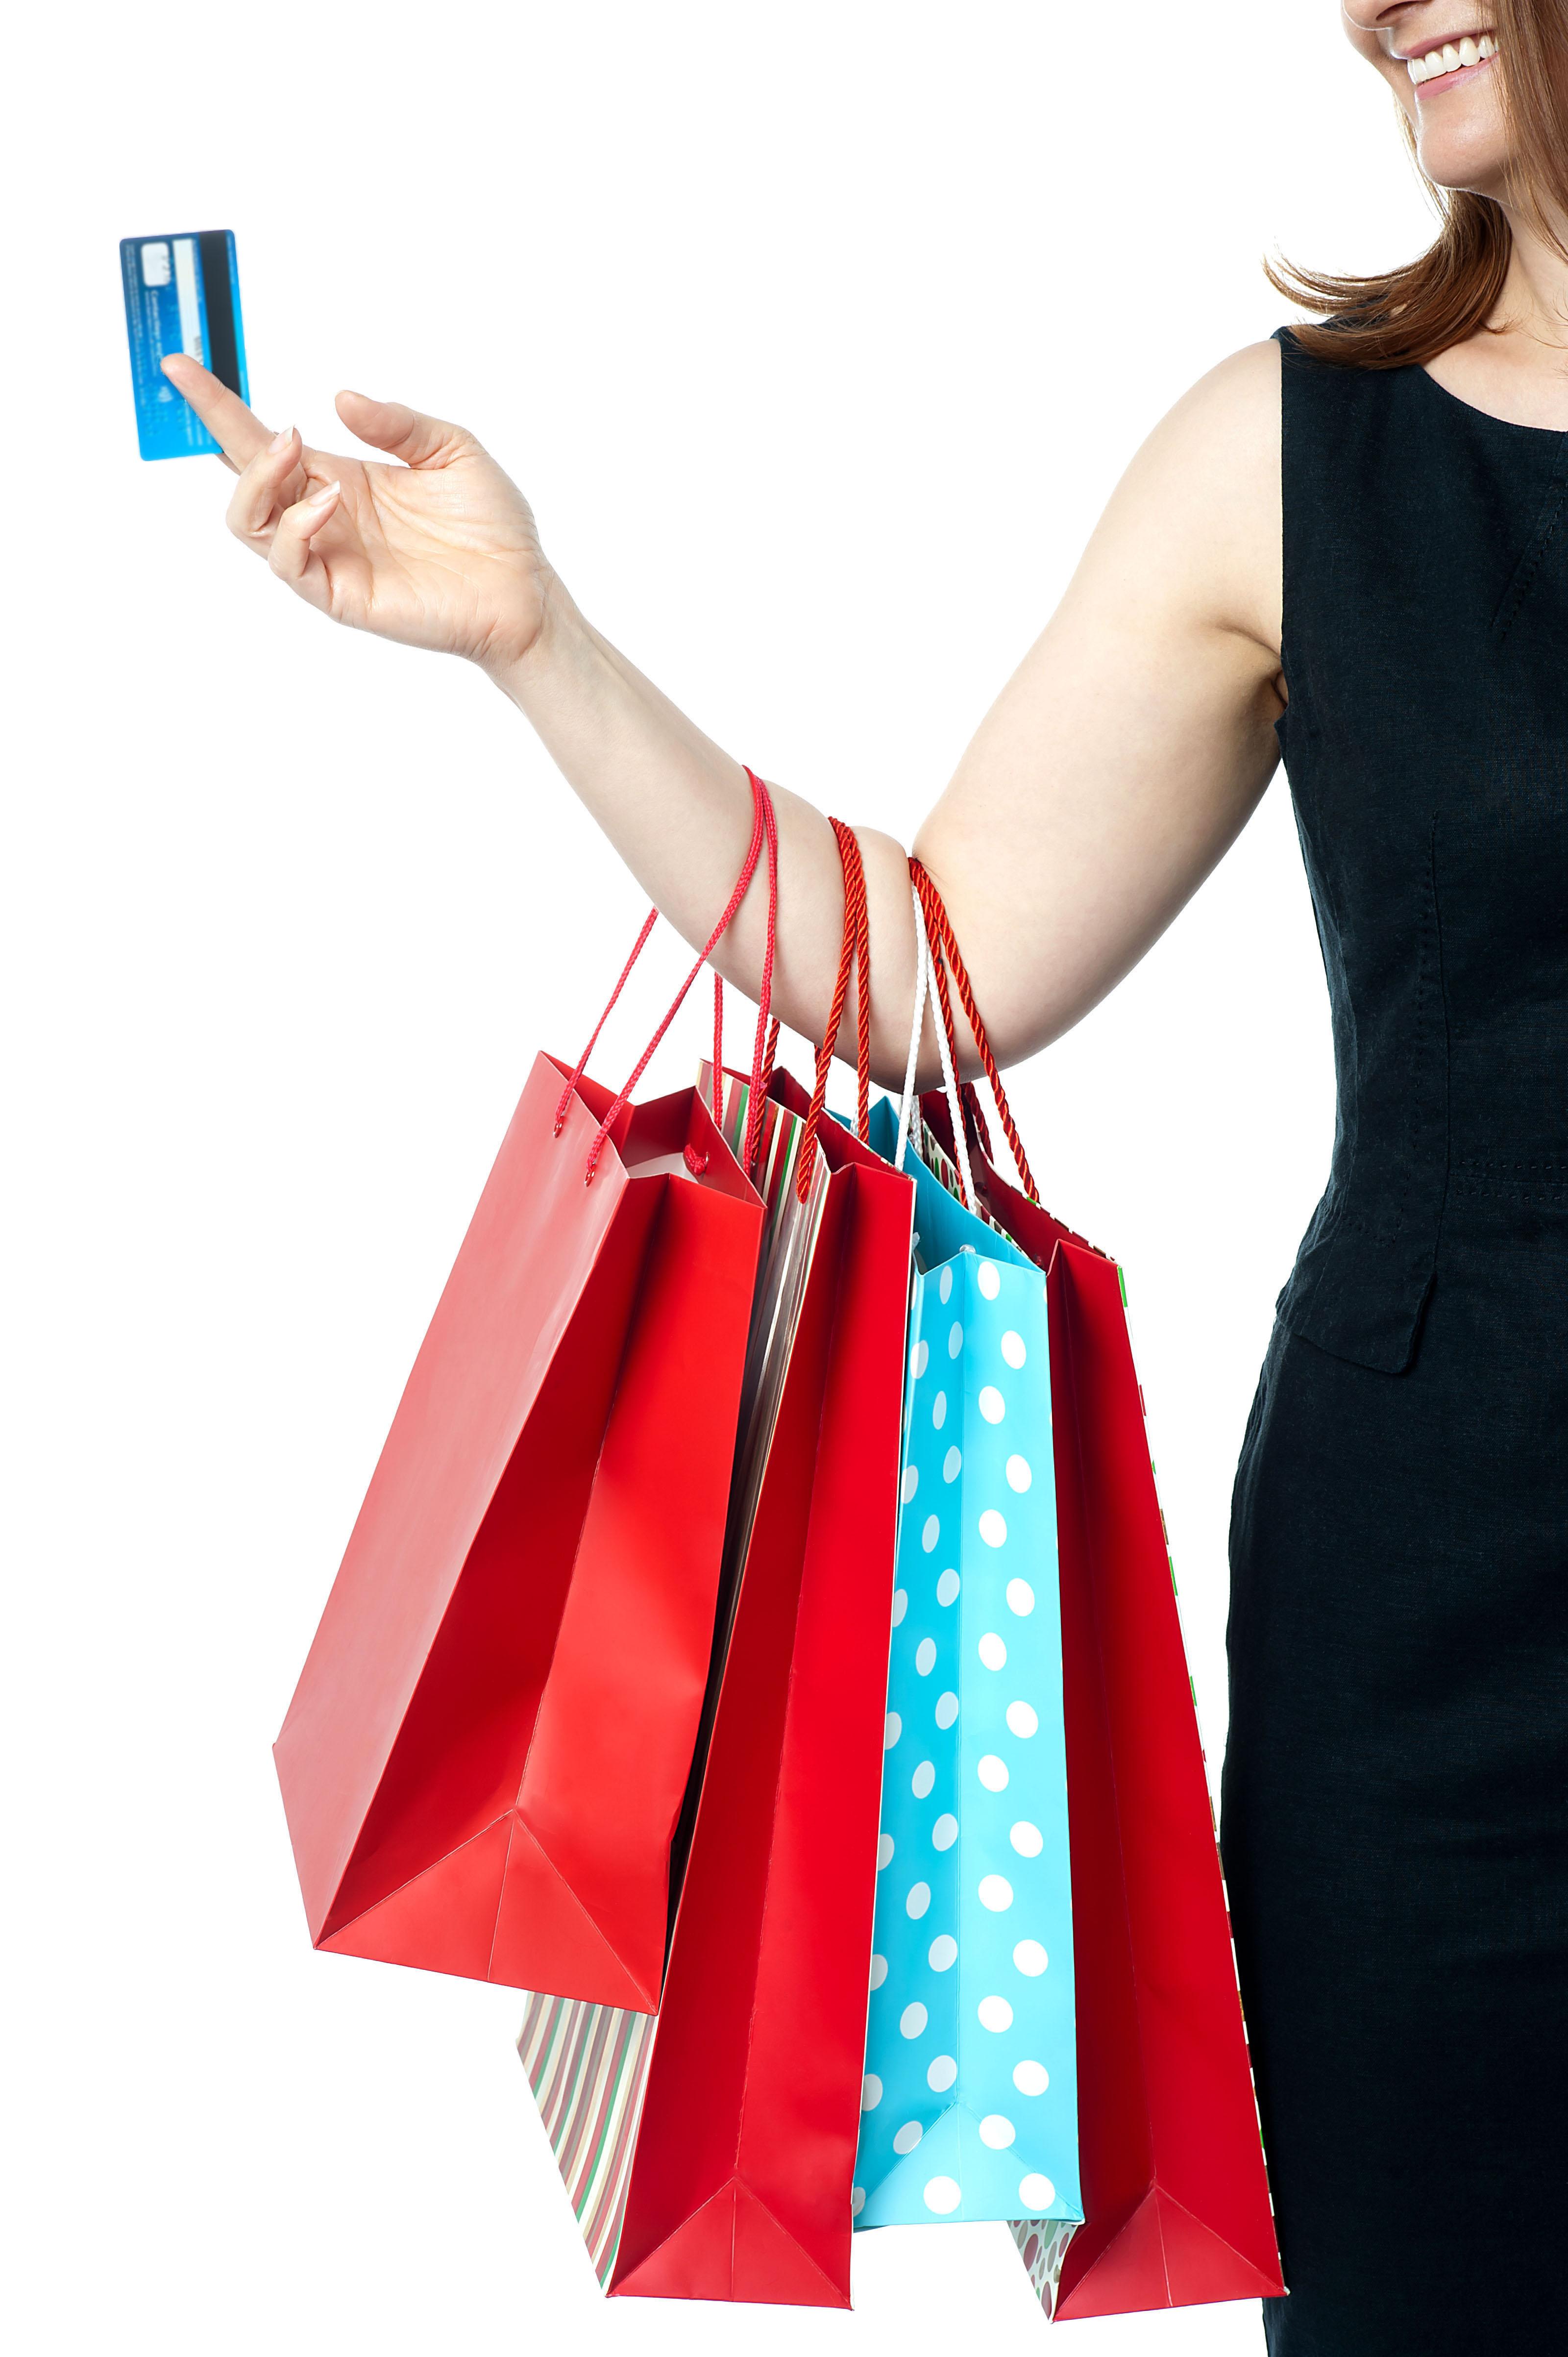 Girls Shopping PNG HD - 120938